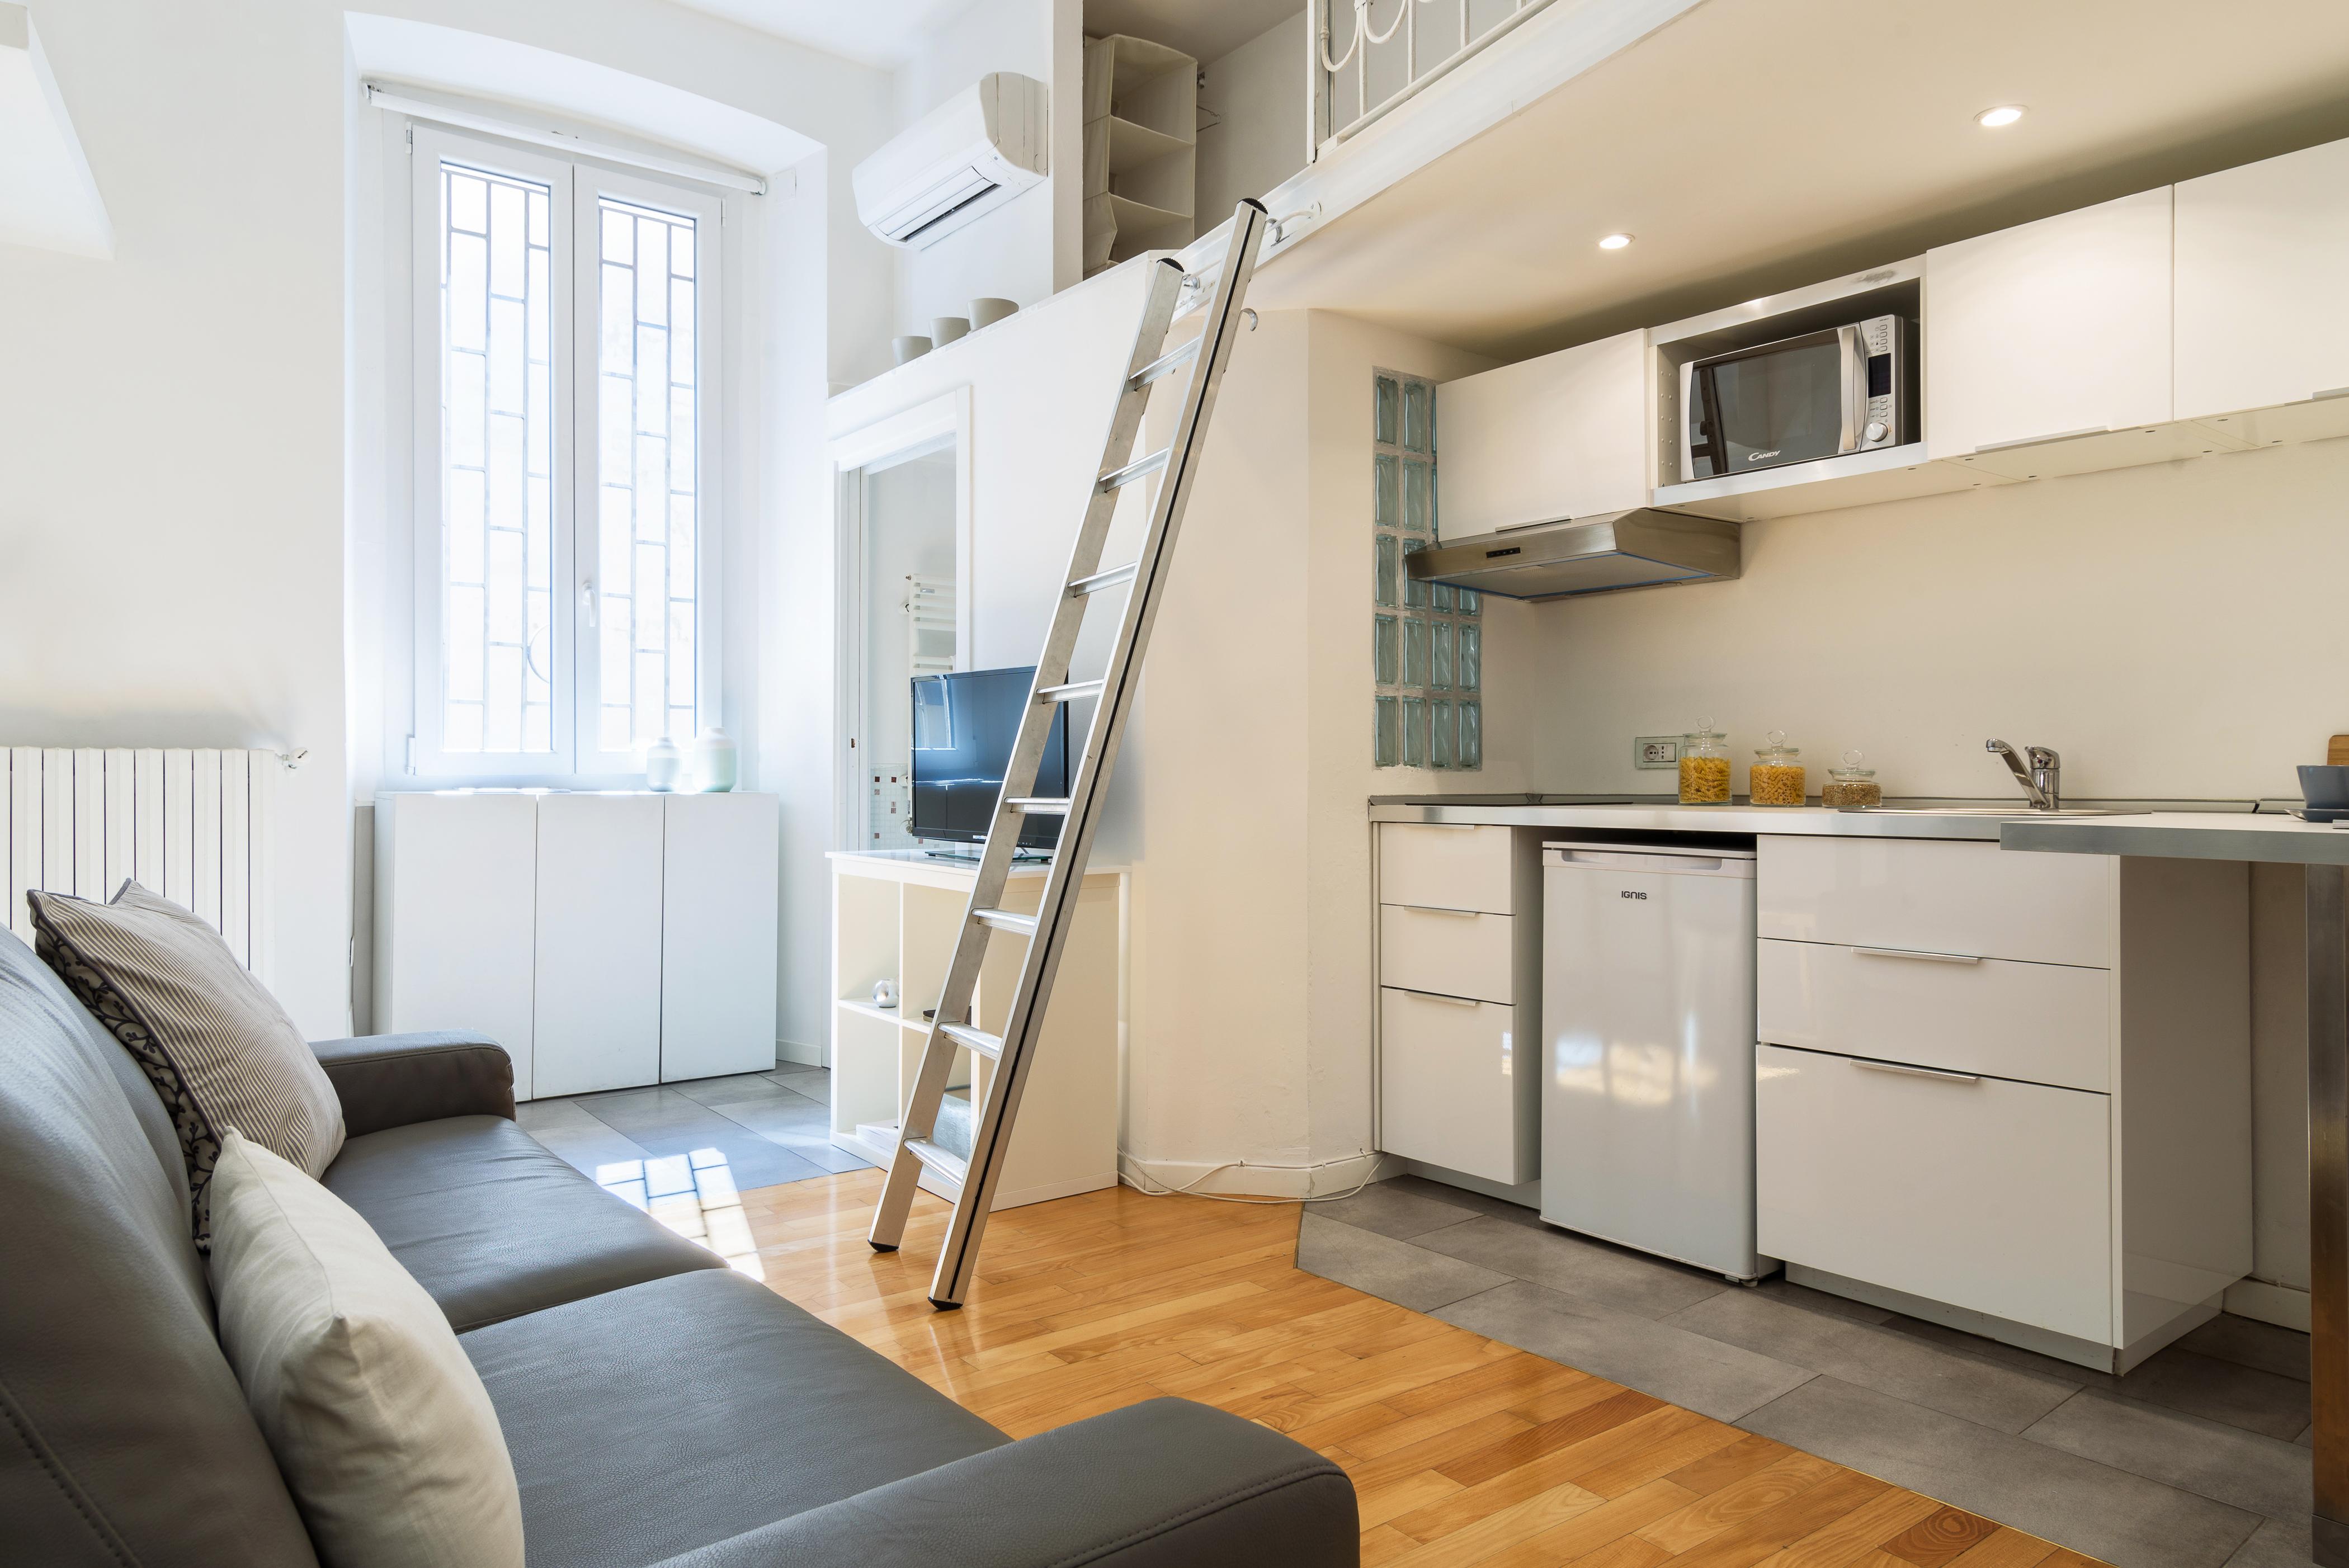 Appartamento Monolocale Milano Stazione Centrale Copernico Std